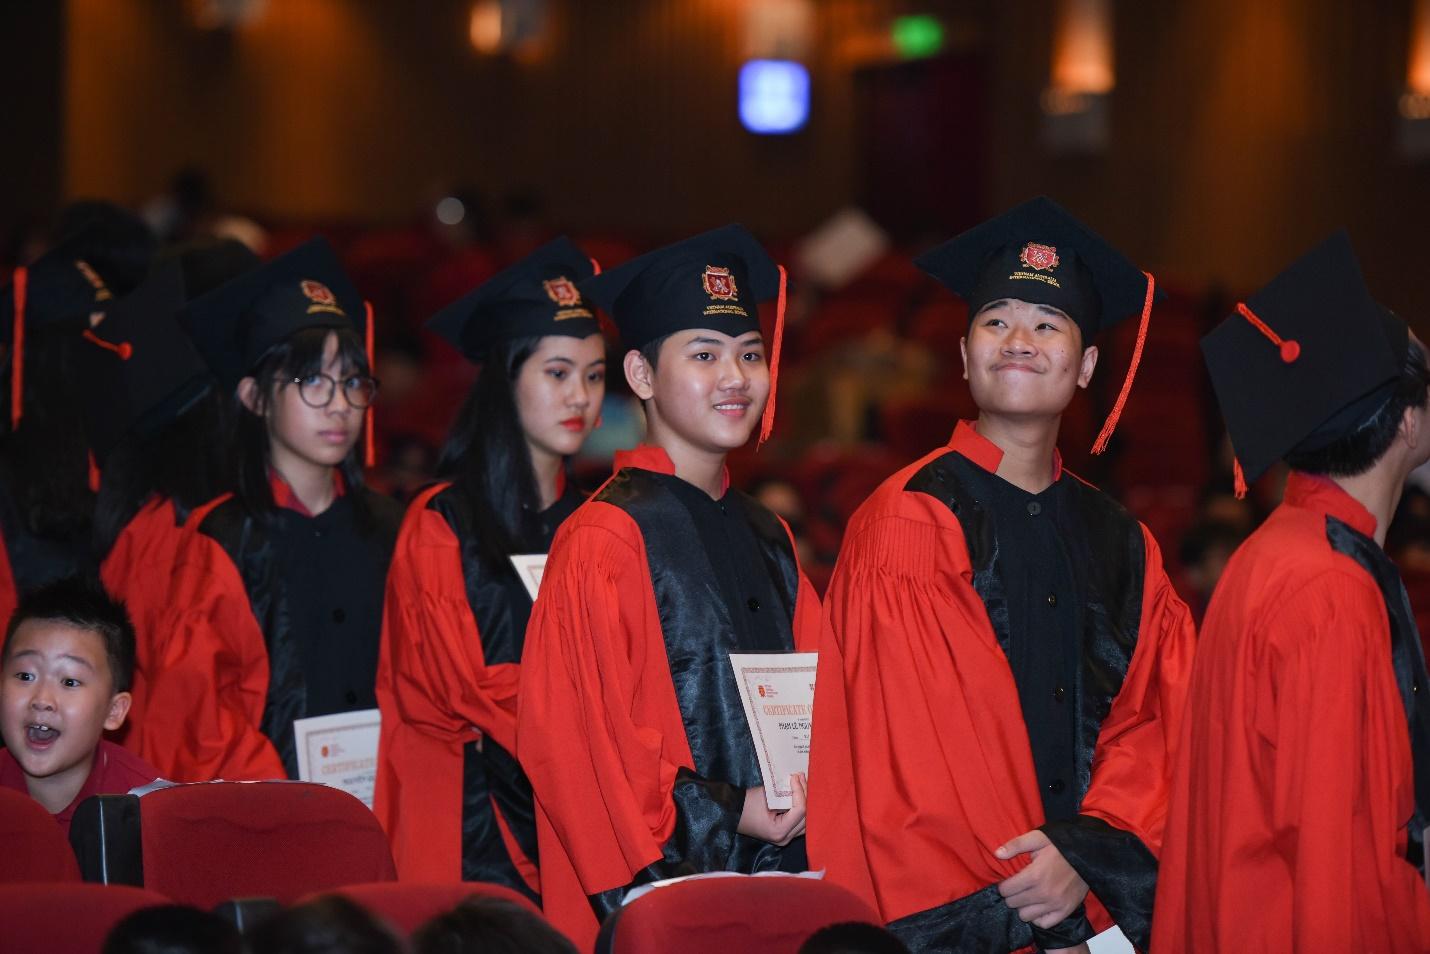 Kết quả xuất sắc tại kỳ thi AS/ A Level giúp học sinh VAS đoạt được các suất học bổng du học giá trị cao.